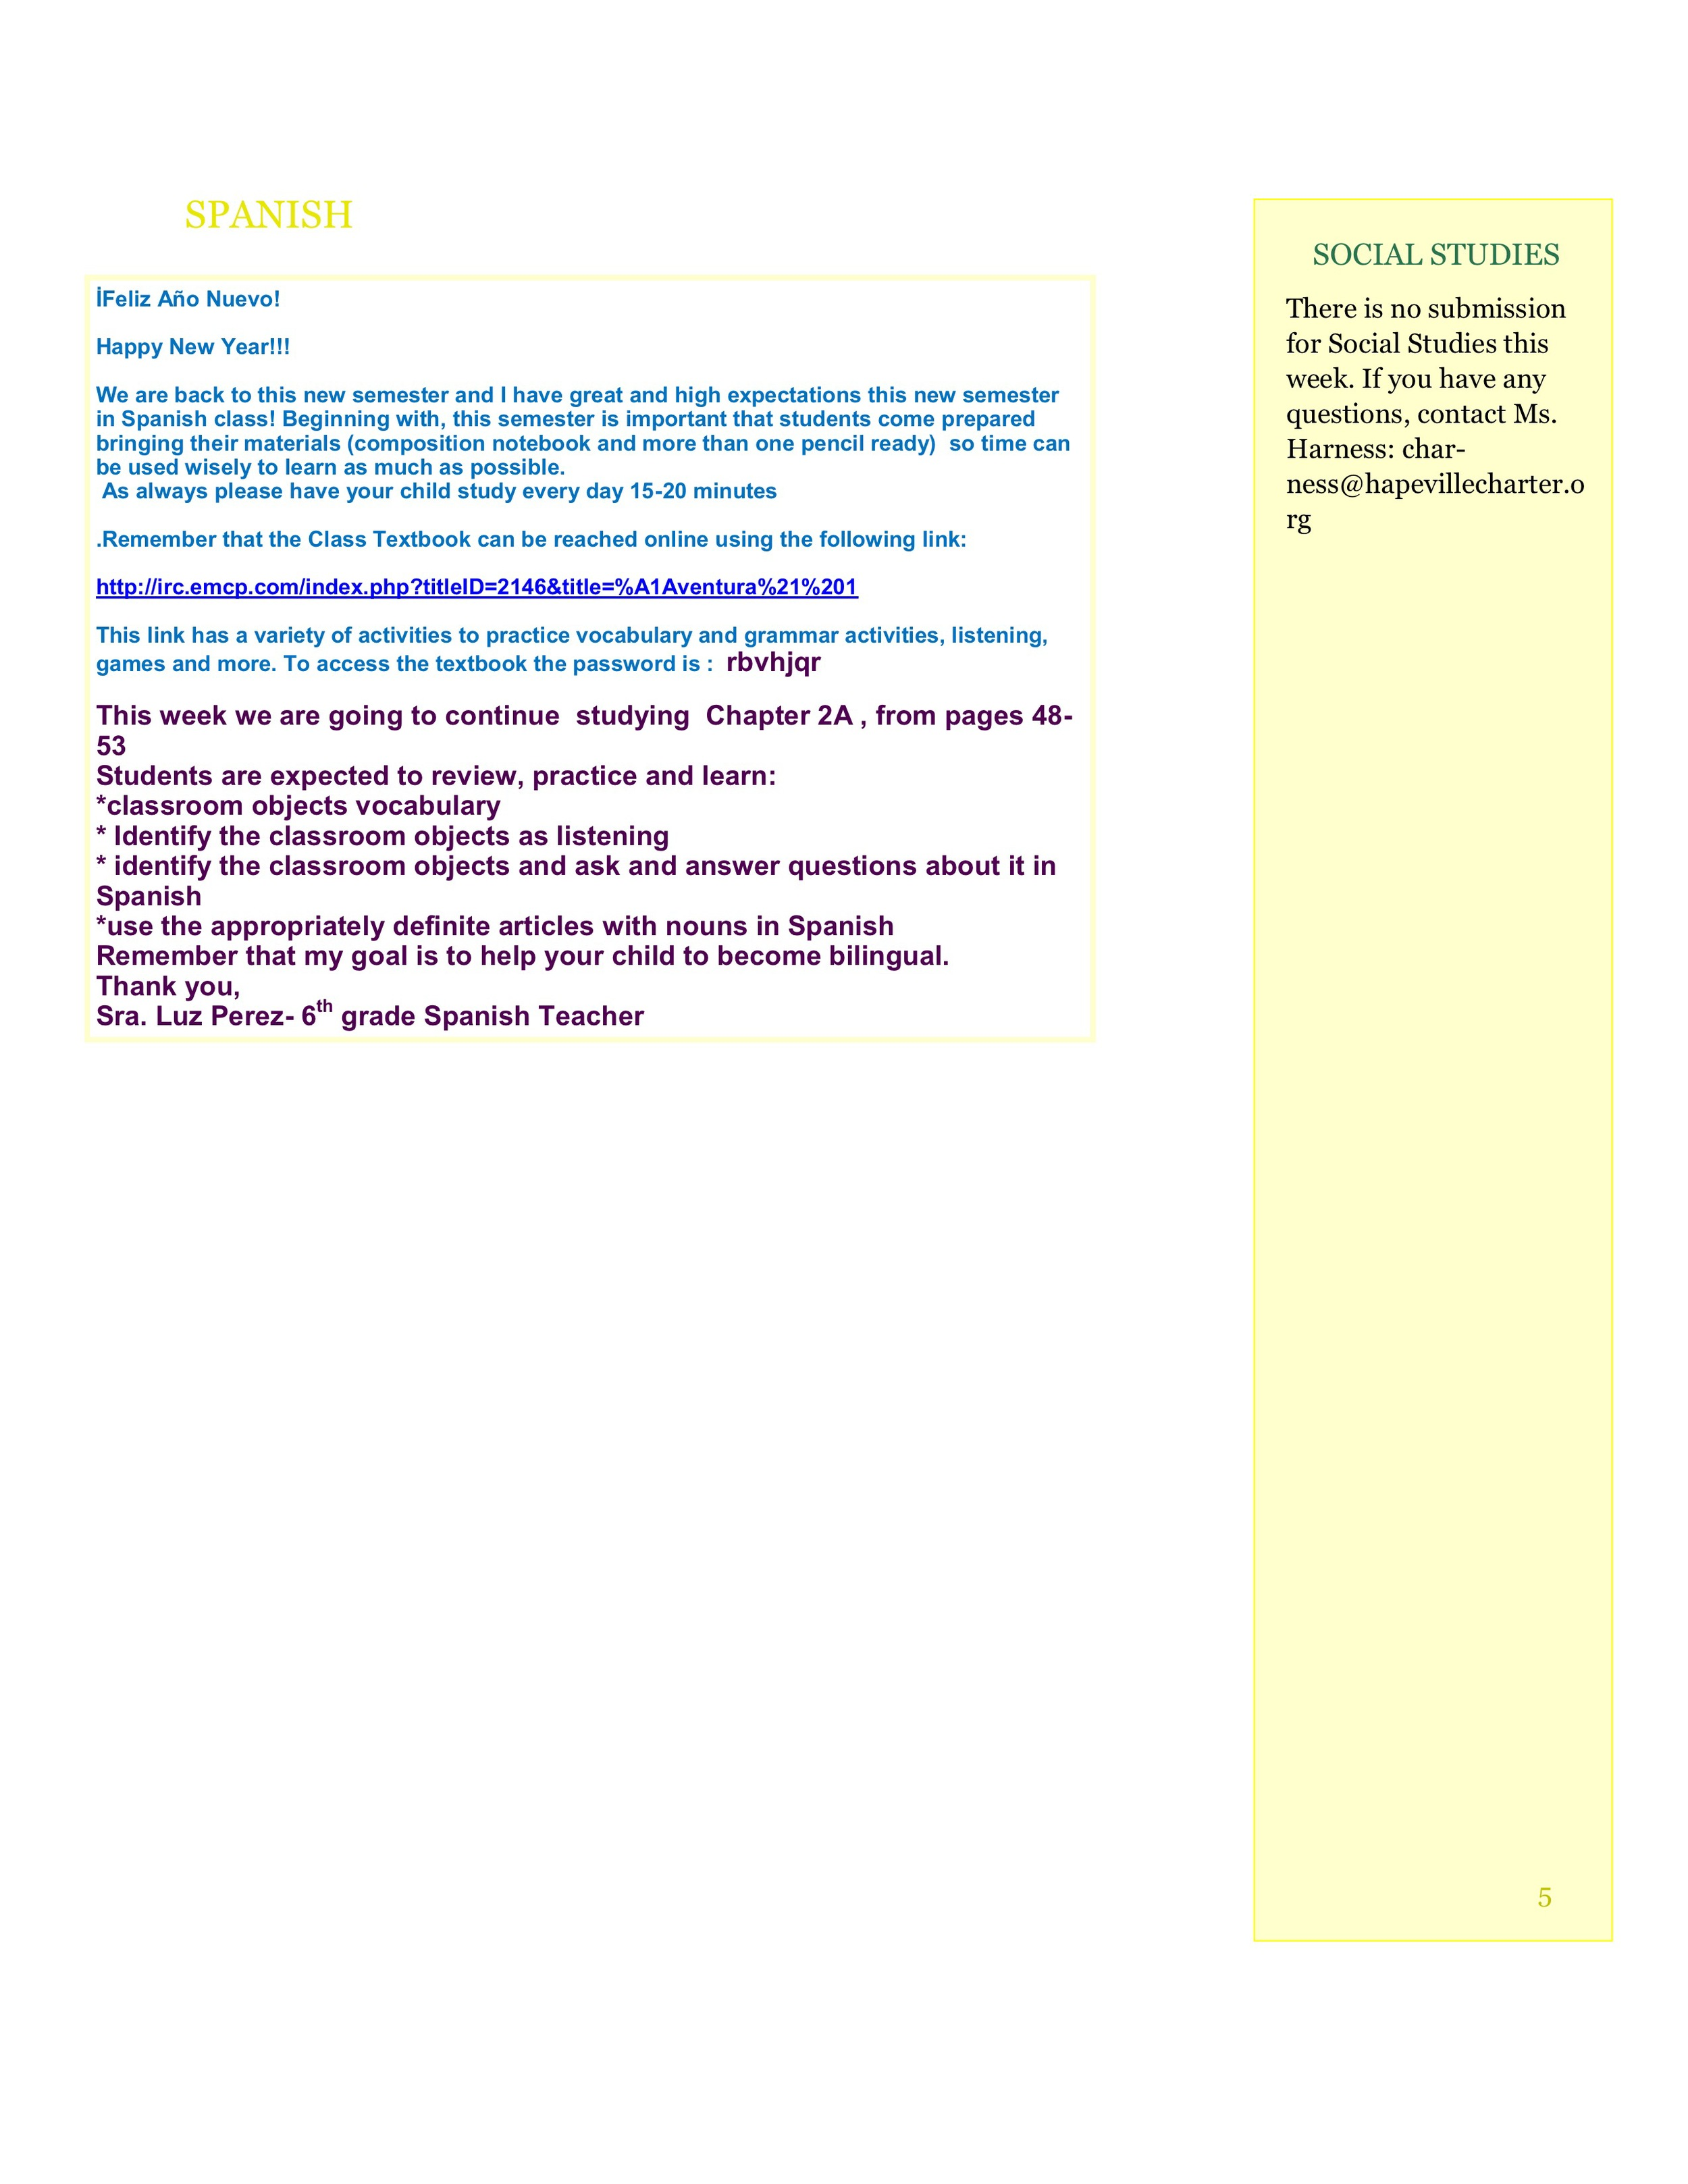 Newsletter ImageJanuary 6-9 5.jpeg